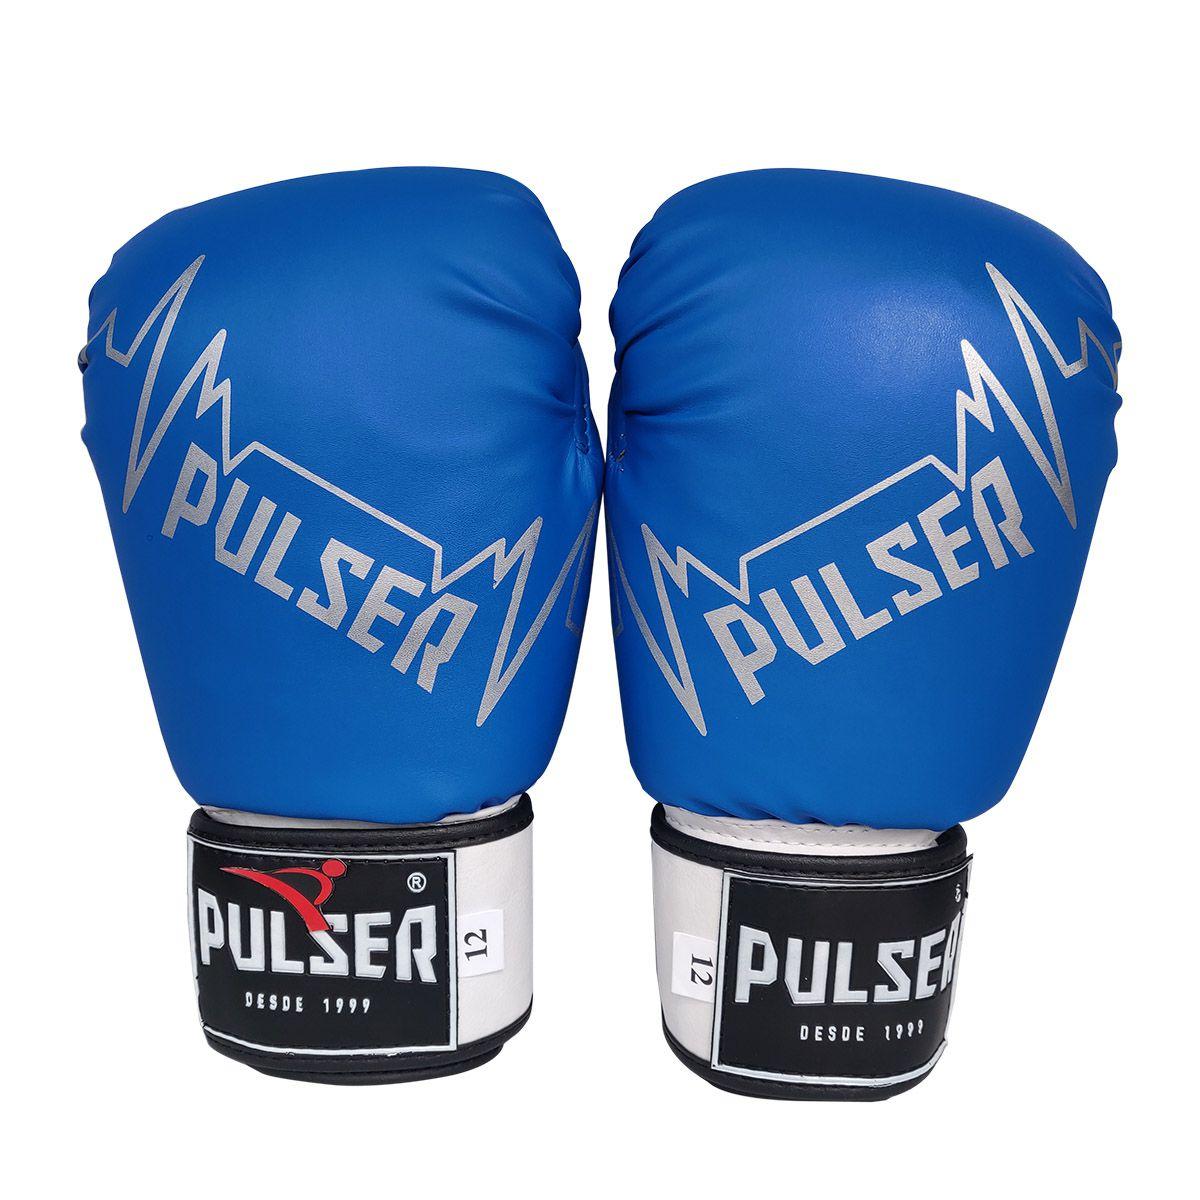 Luva de Boxe / Muay Thai 12oz - Azul Pulser - Pulser  - PRALUTA SHOP